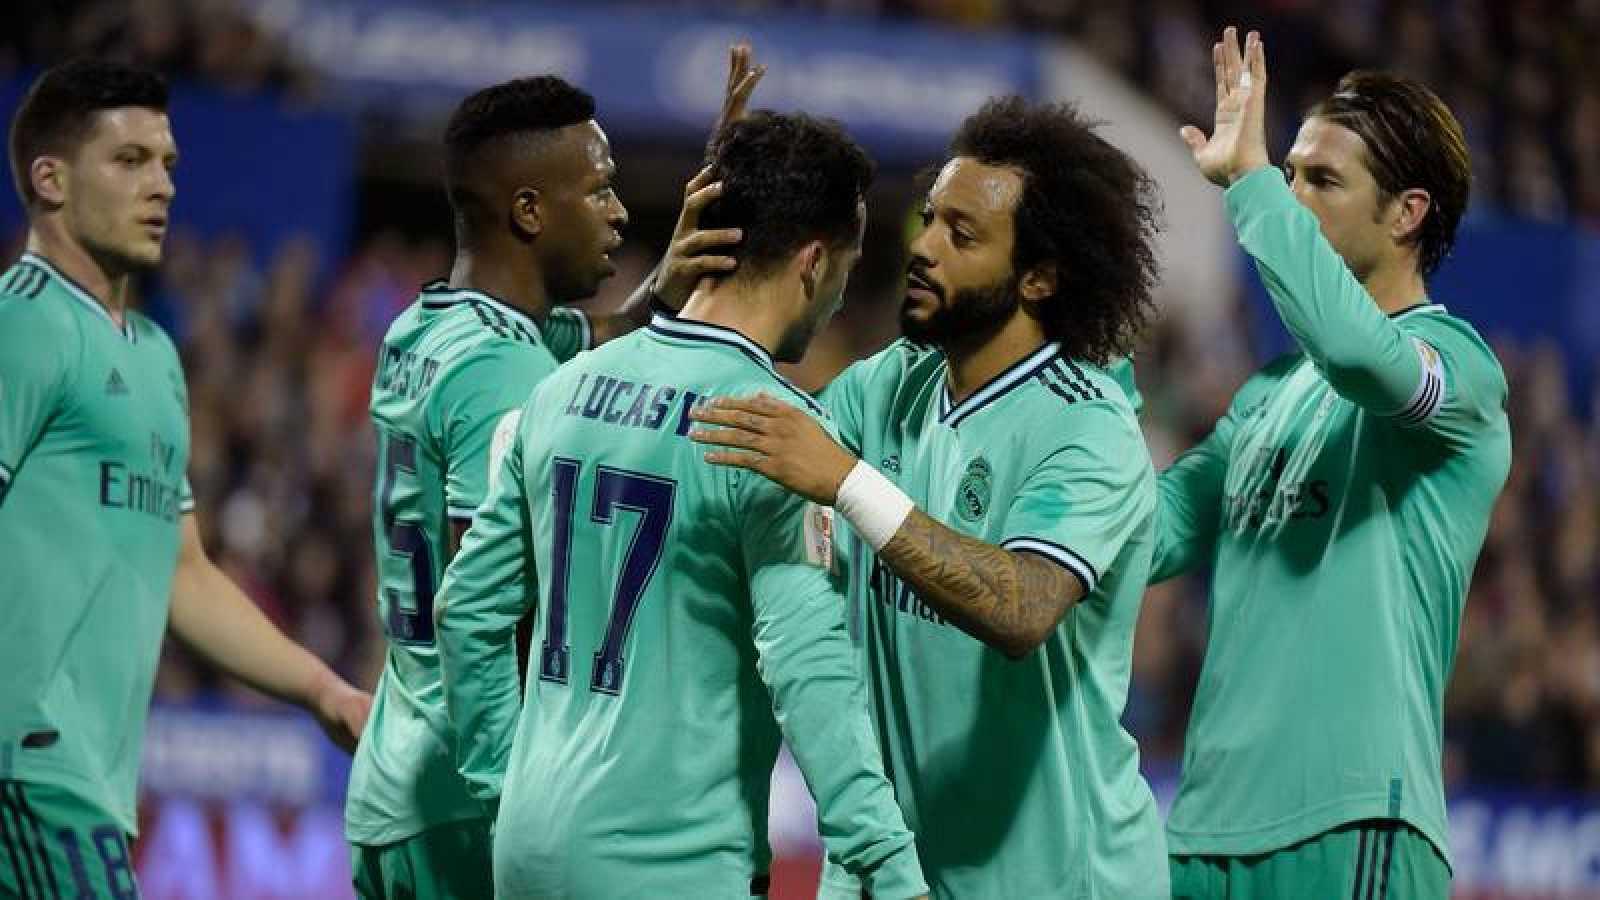 El Real Madrid celebra el gol de Lucas Vázquez durante el partido contra el Zaragoza